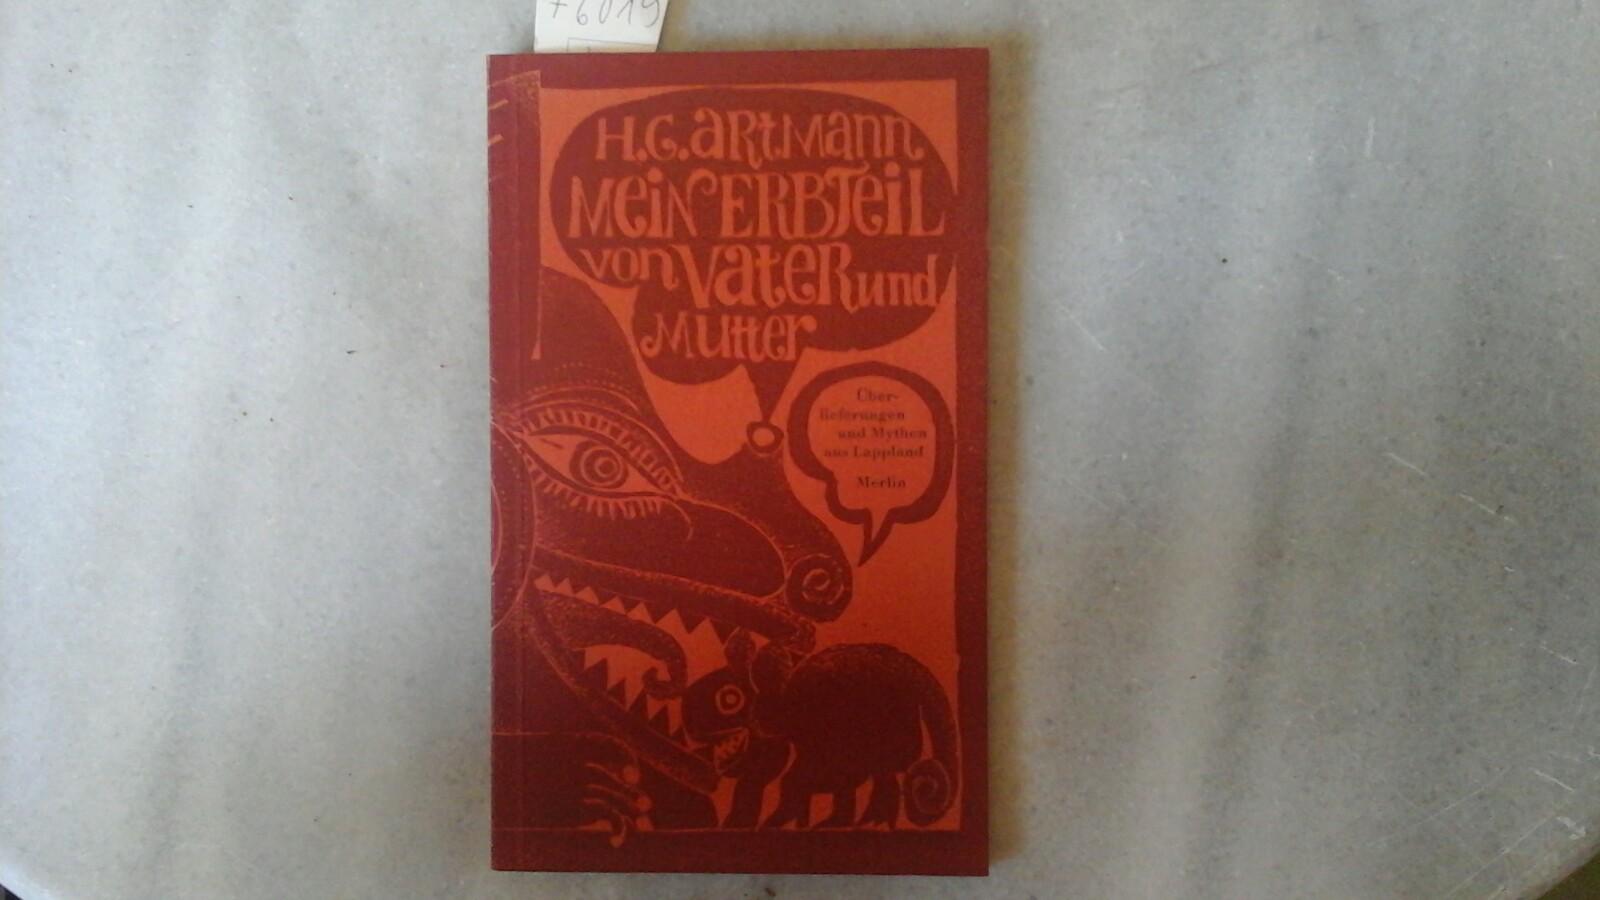 Mein Erbteil von Vater und Mutter. Überlieferungen und Mythen aus Lappland. Mit Original-Linolschnitte von Ali Schindehütte. Erste /1./ Auflage.